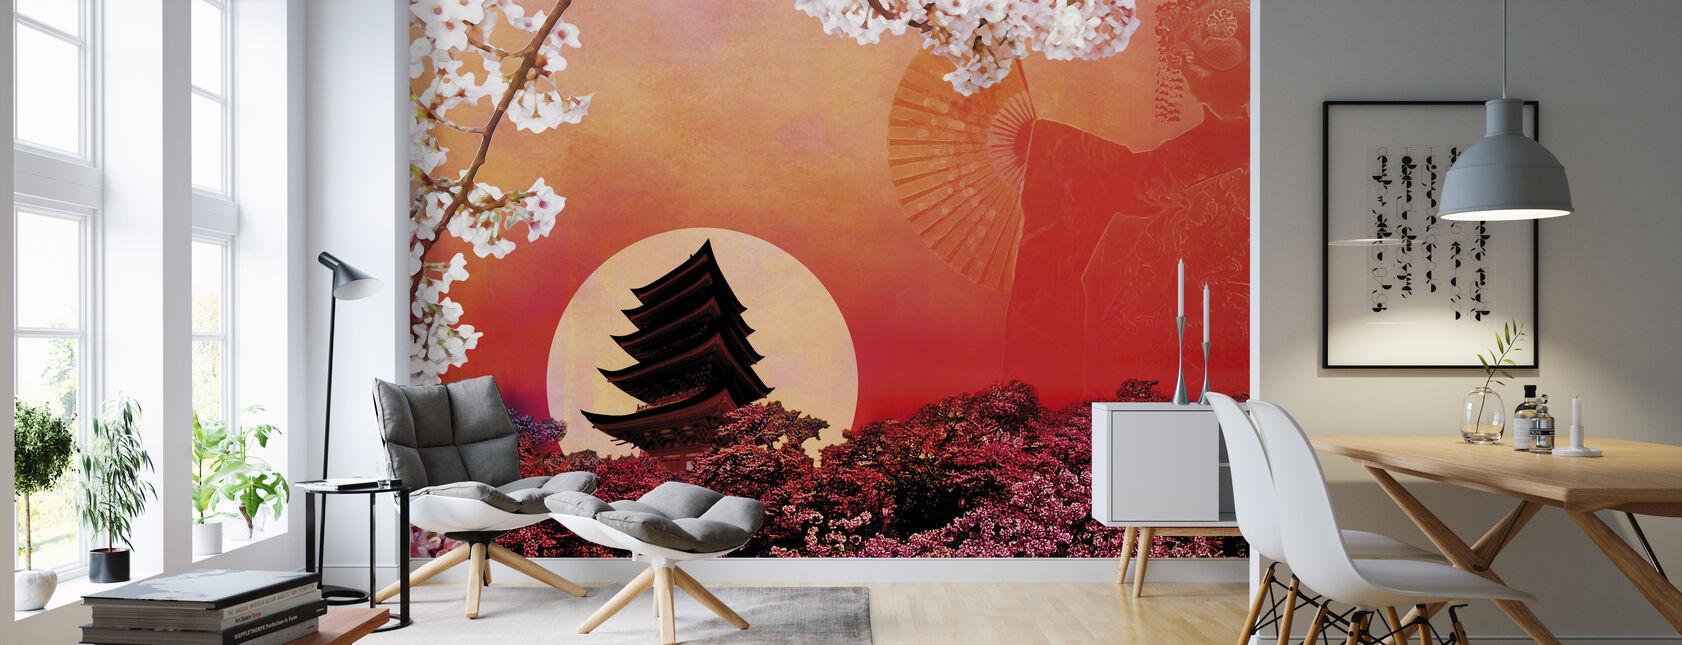 Stigande sol - Tapet - Vardagsrum